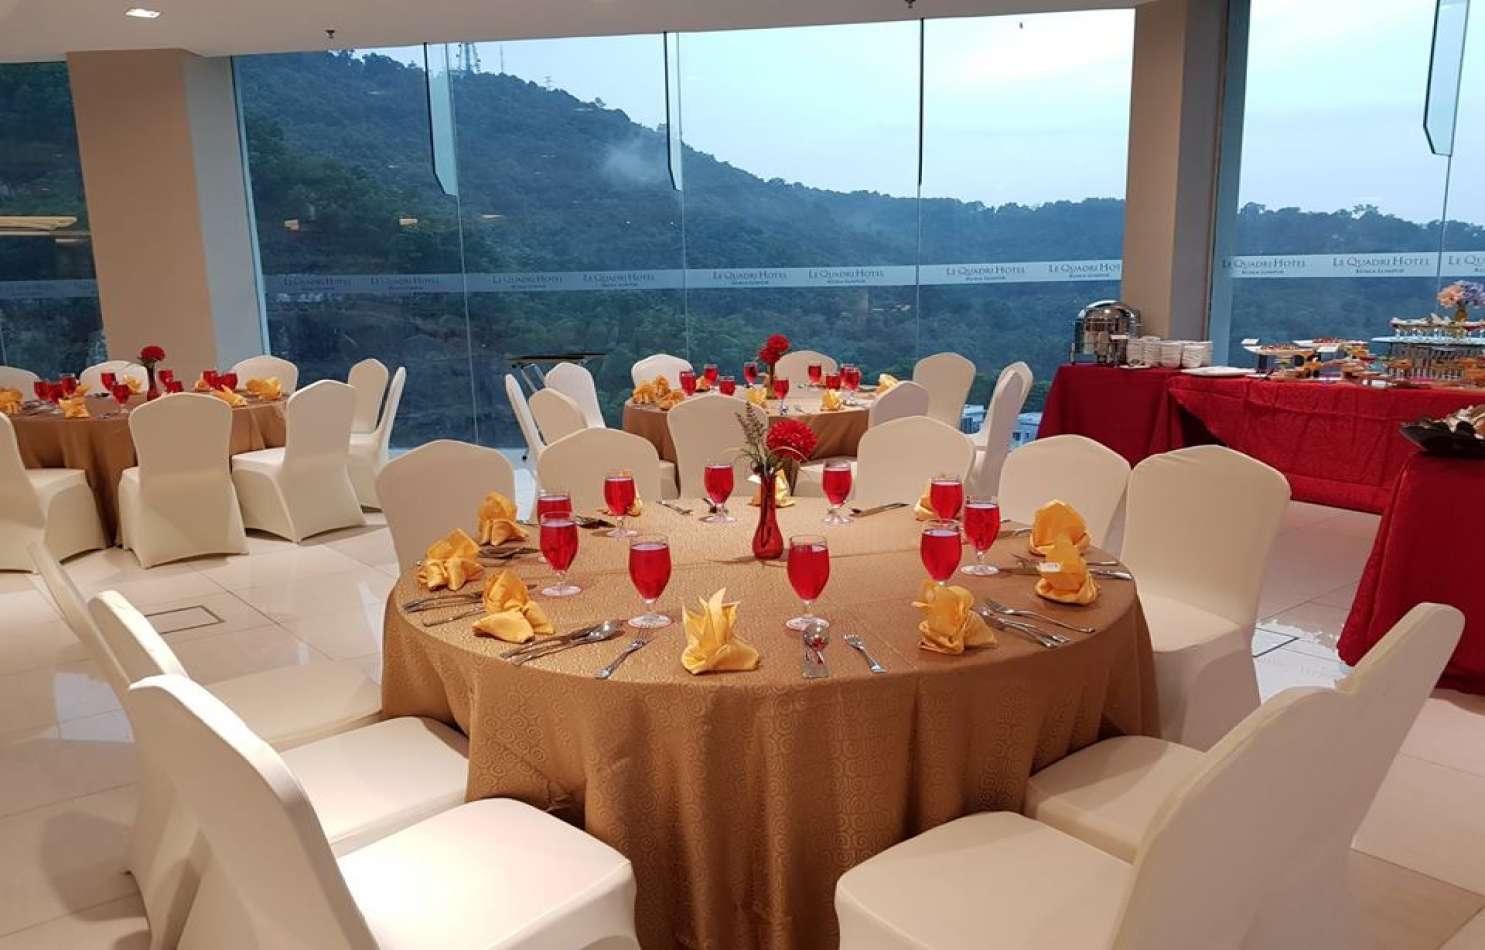 Le-Quadri-Hotel-KL-Meeting-Room15283629415b18f7bd0655e0.42115873.jpg